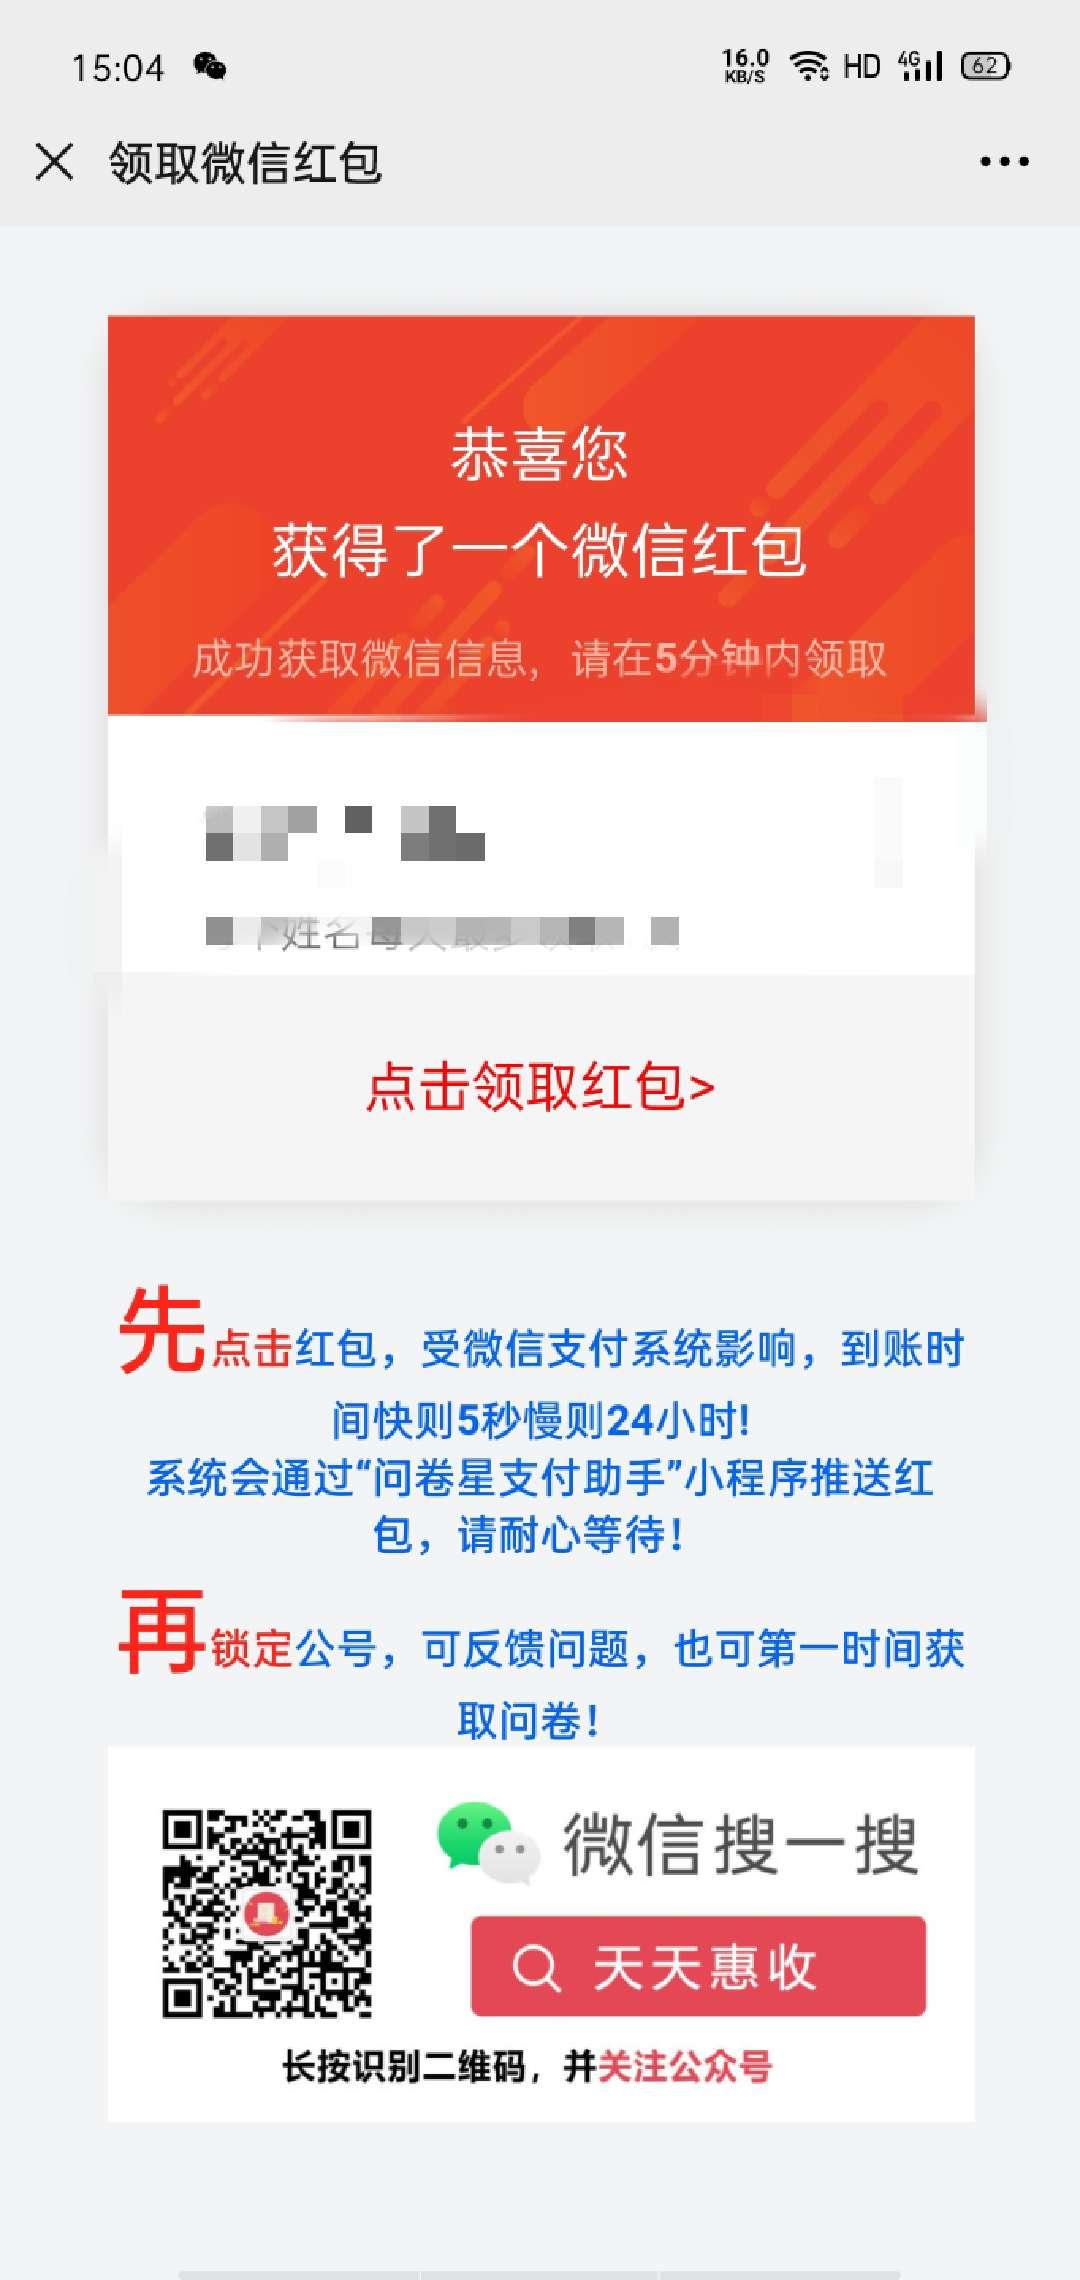 图片[1]-诸葛品牌榜问卷抽红包-老友薅羊毛活动线报网